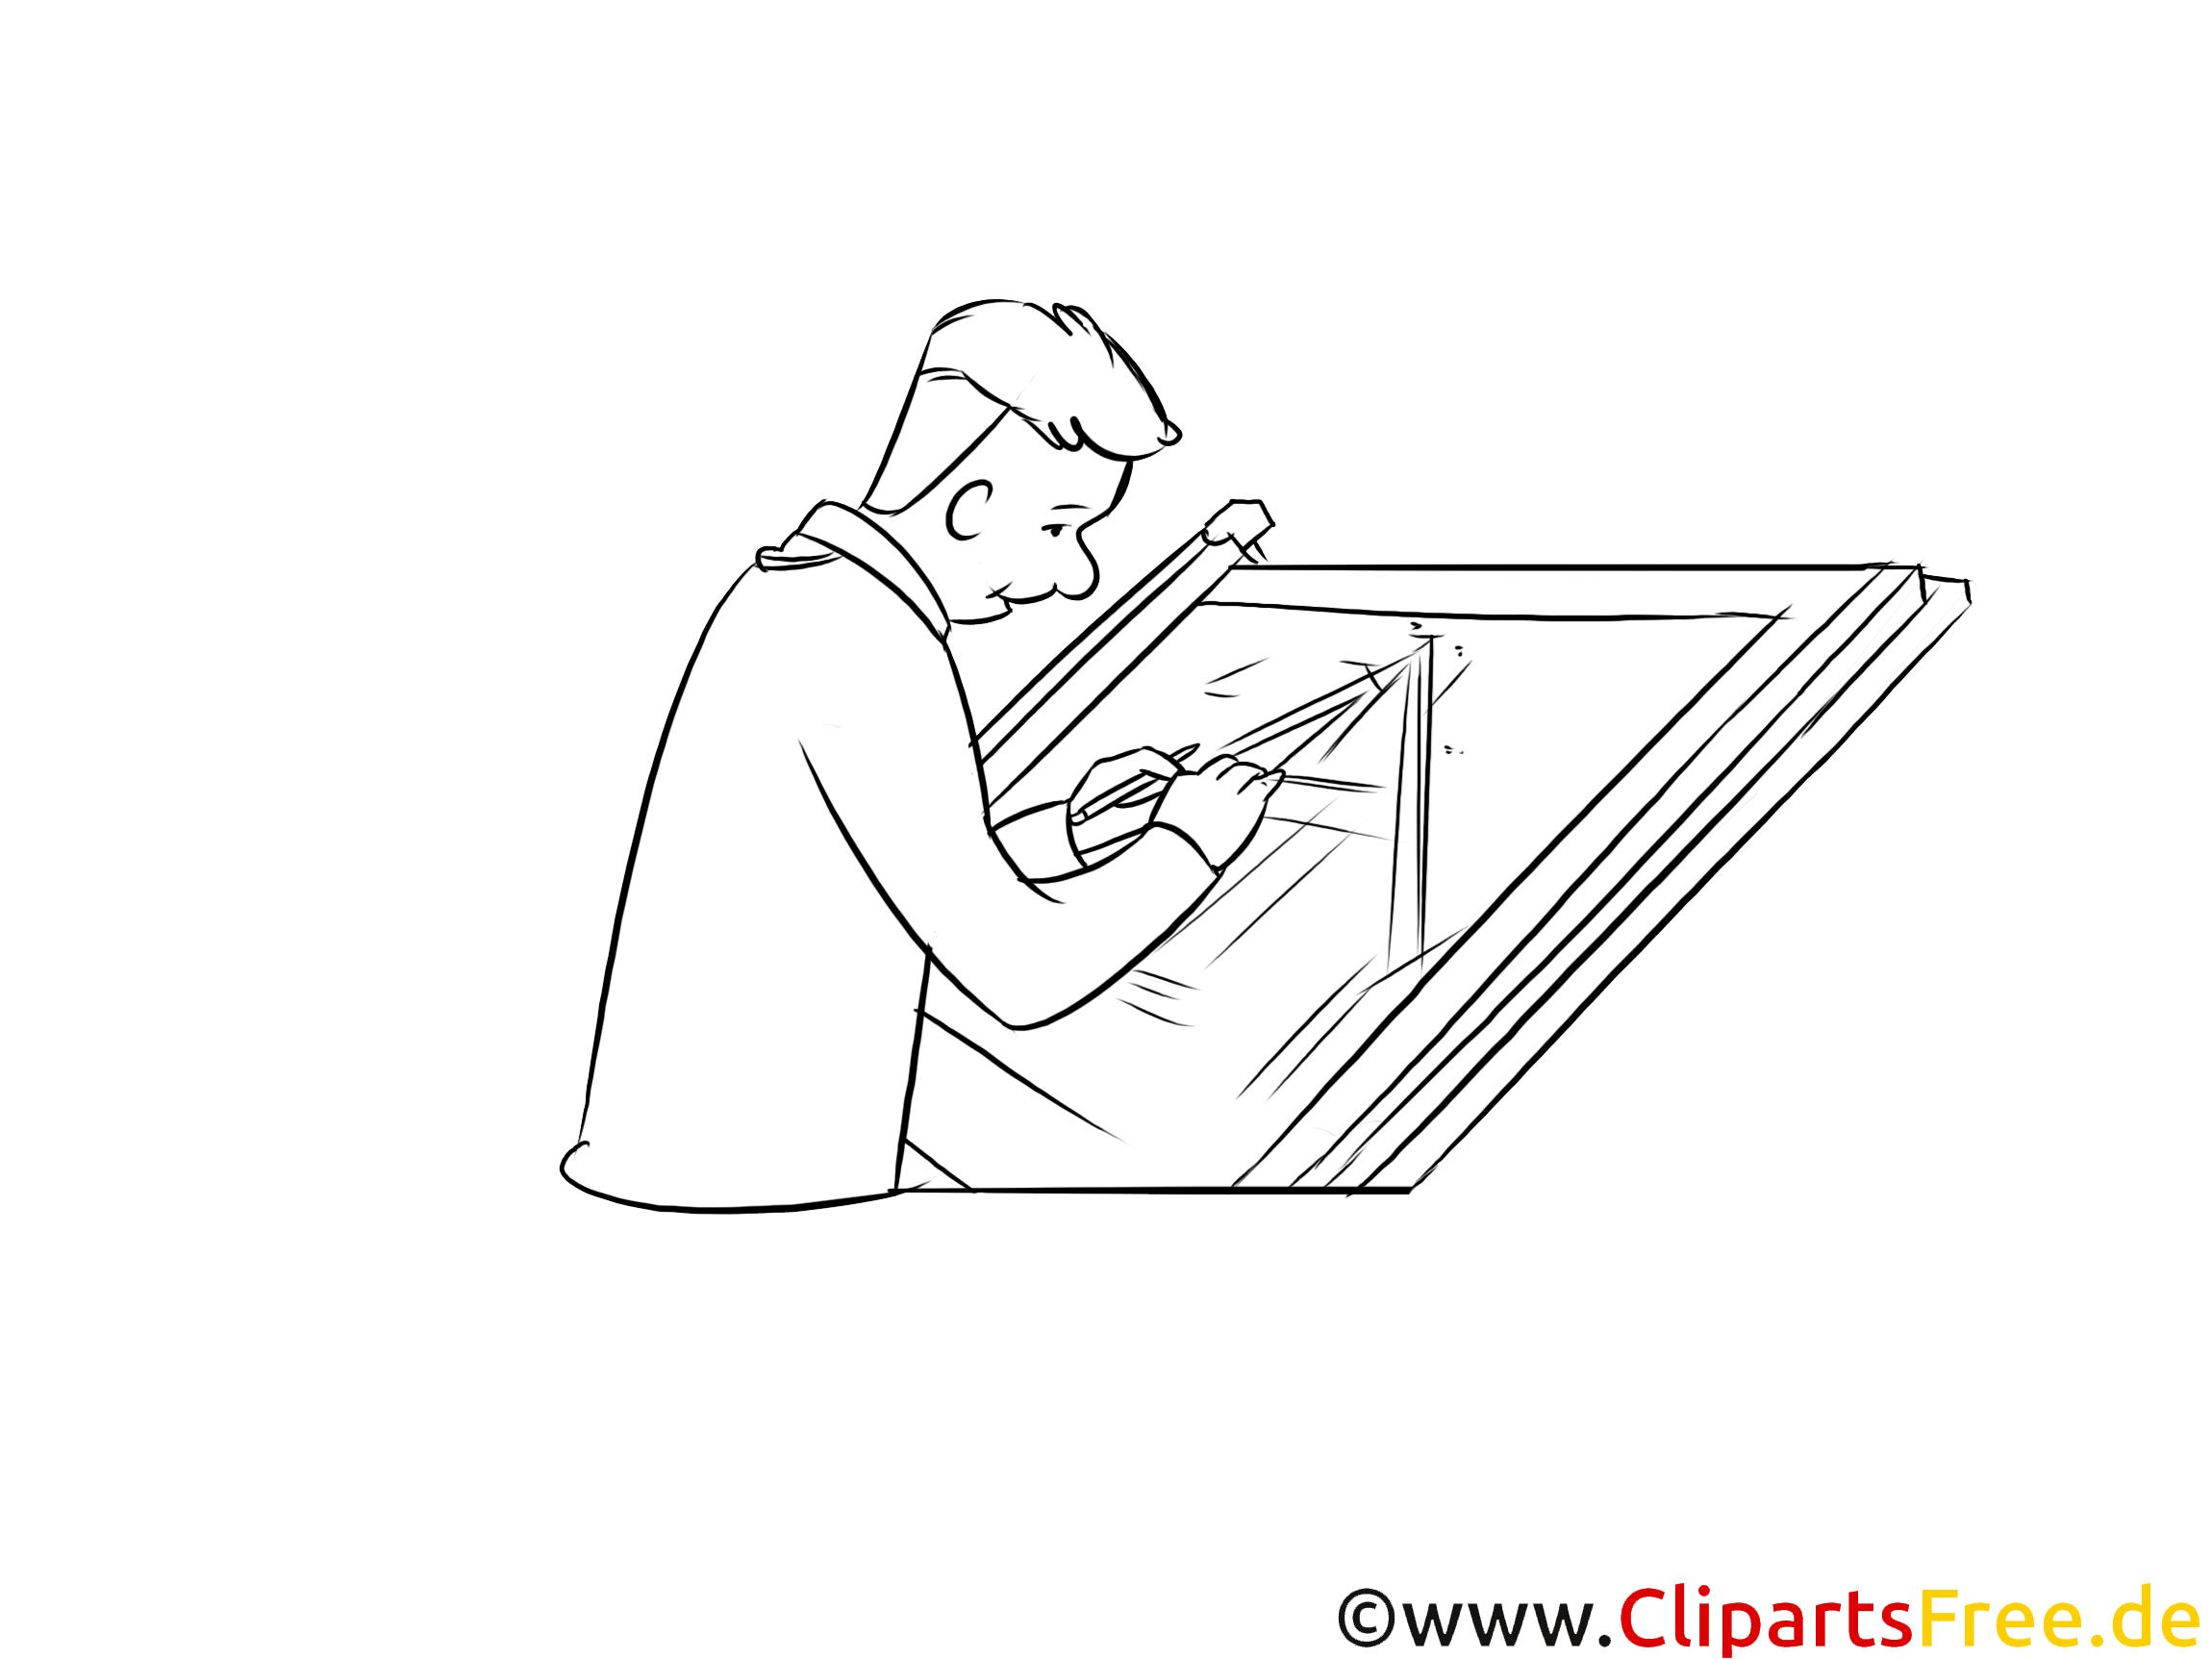 Bauzeichner Grafik zum Drucken schwarzweiß